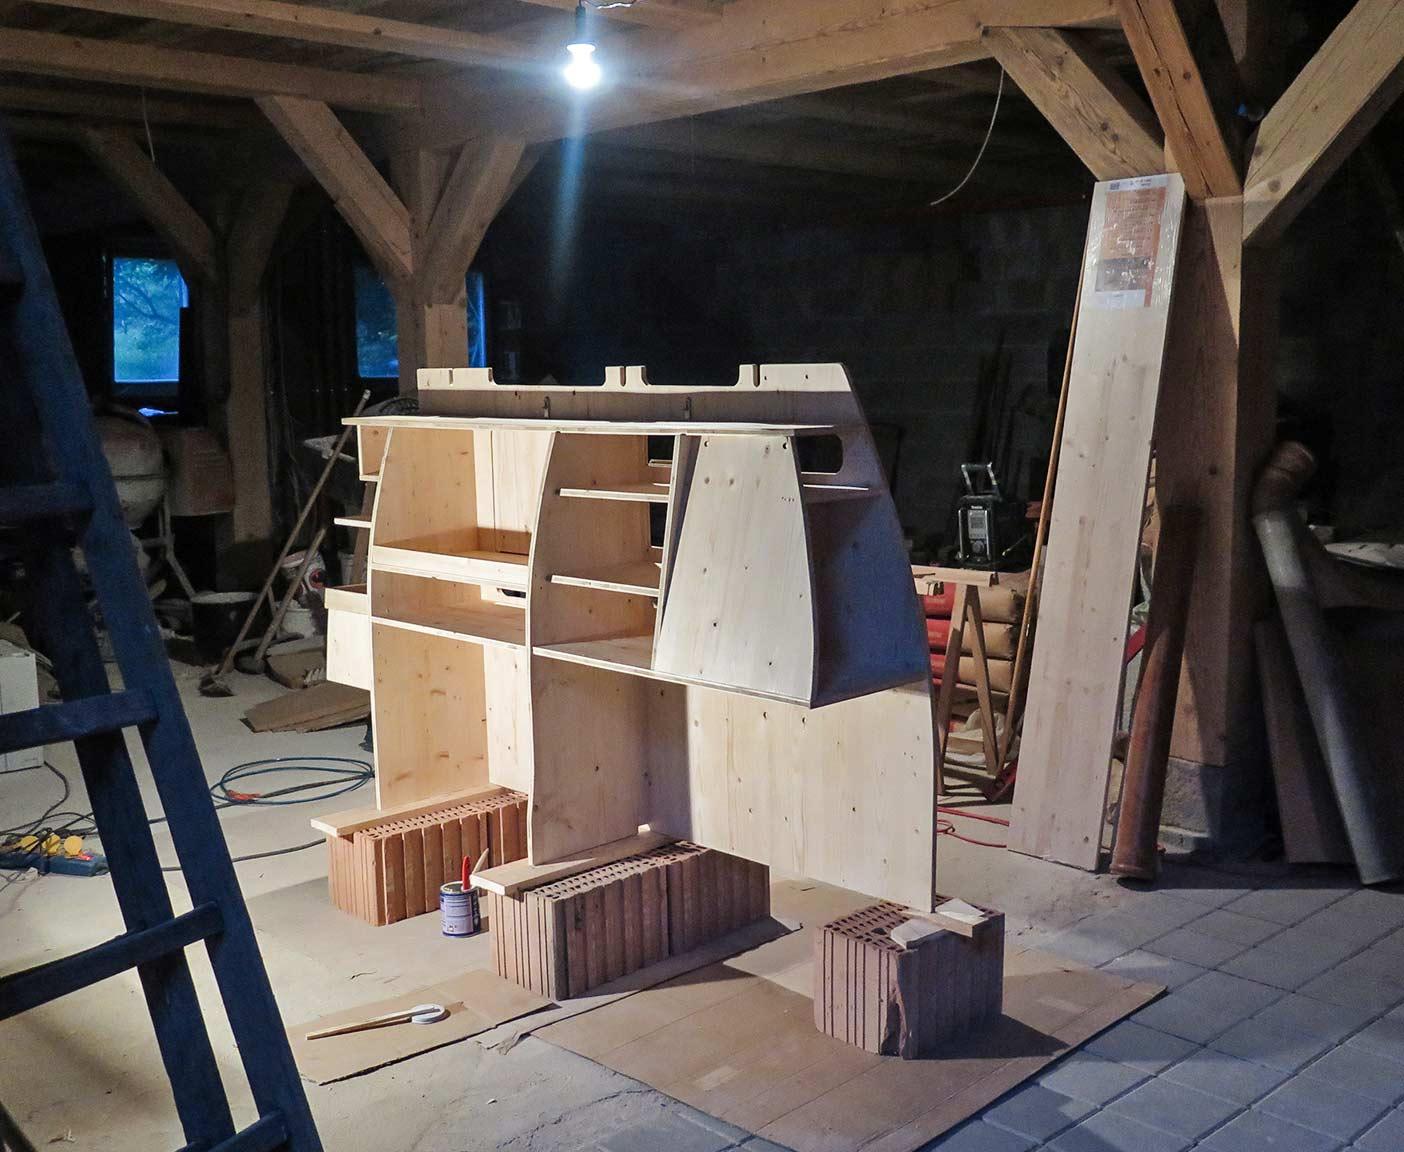 piaggio porter-minicamper-minivan-camper-mini-wohnmobil-kleiner-selbstausbau-13